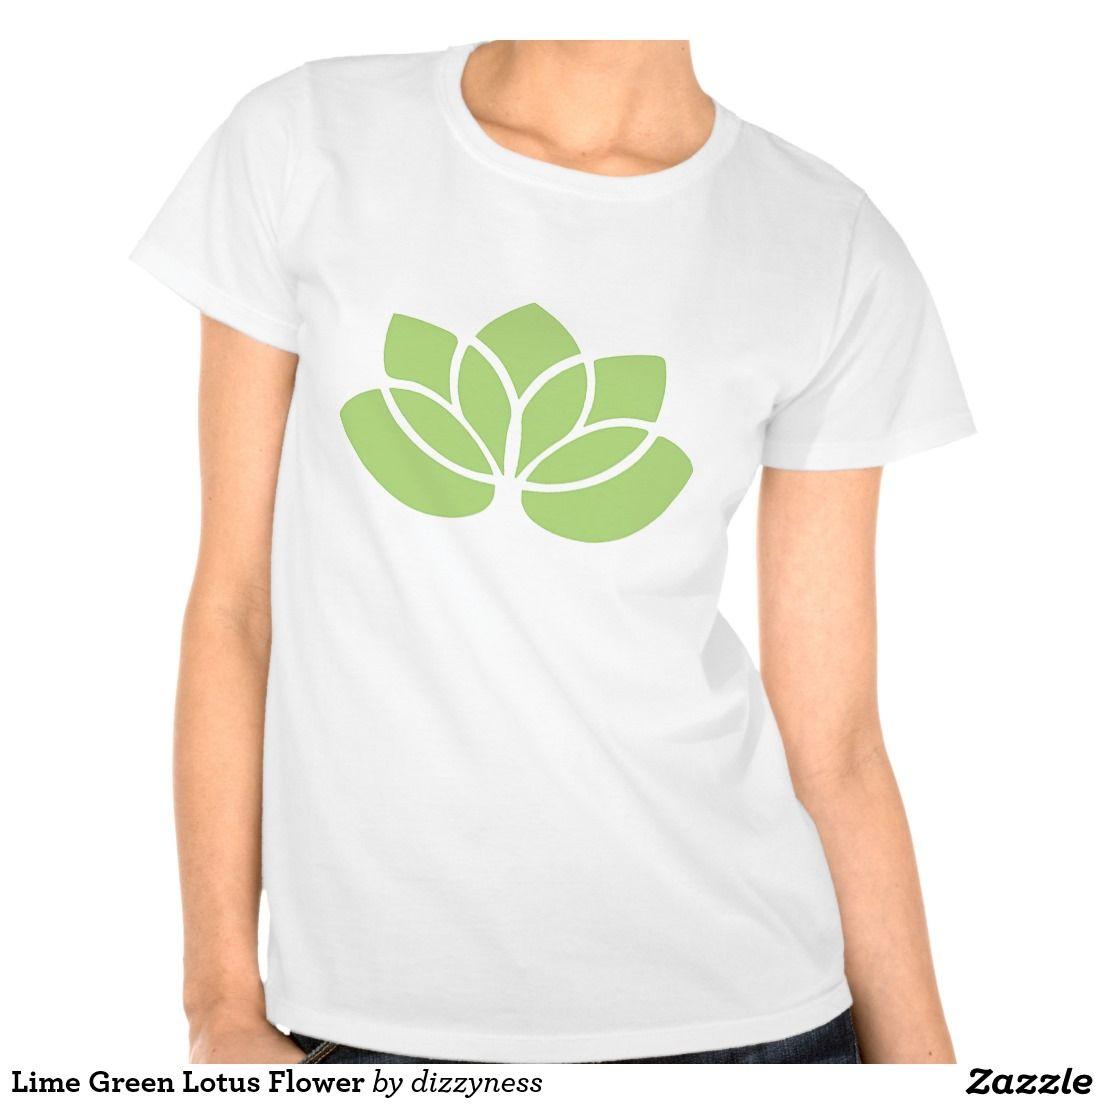 Lime green lotus flower t shirt lotus flower and lotus lime green lotus flower tshirt httpzazzle izmirmasajfo Images